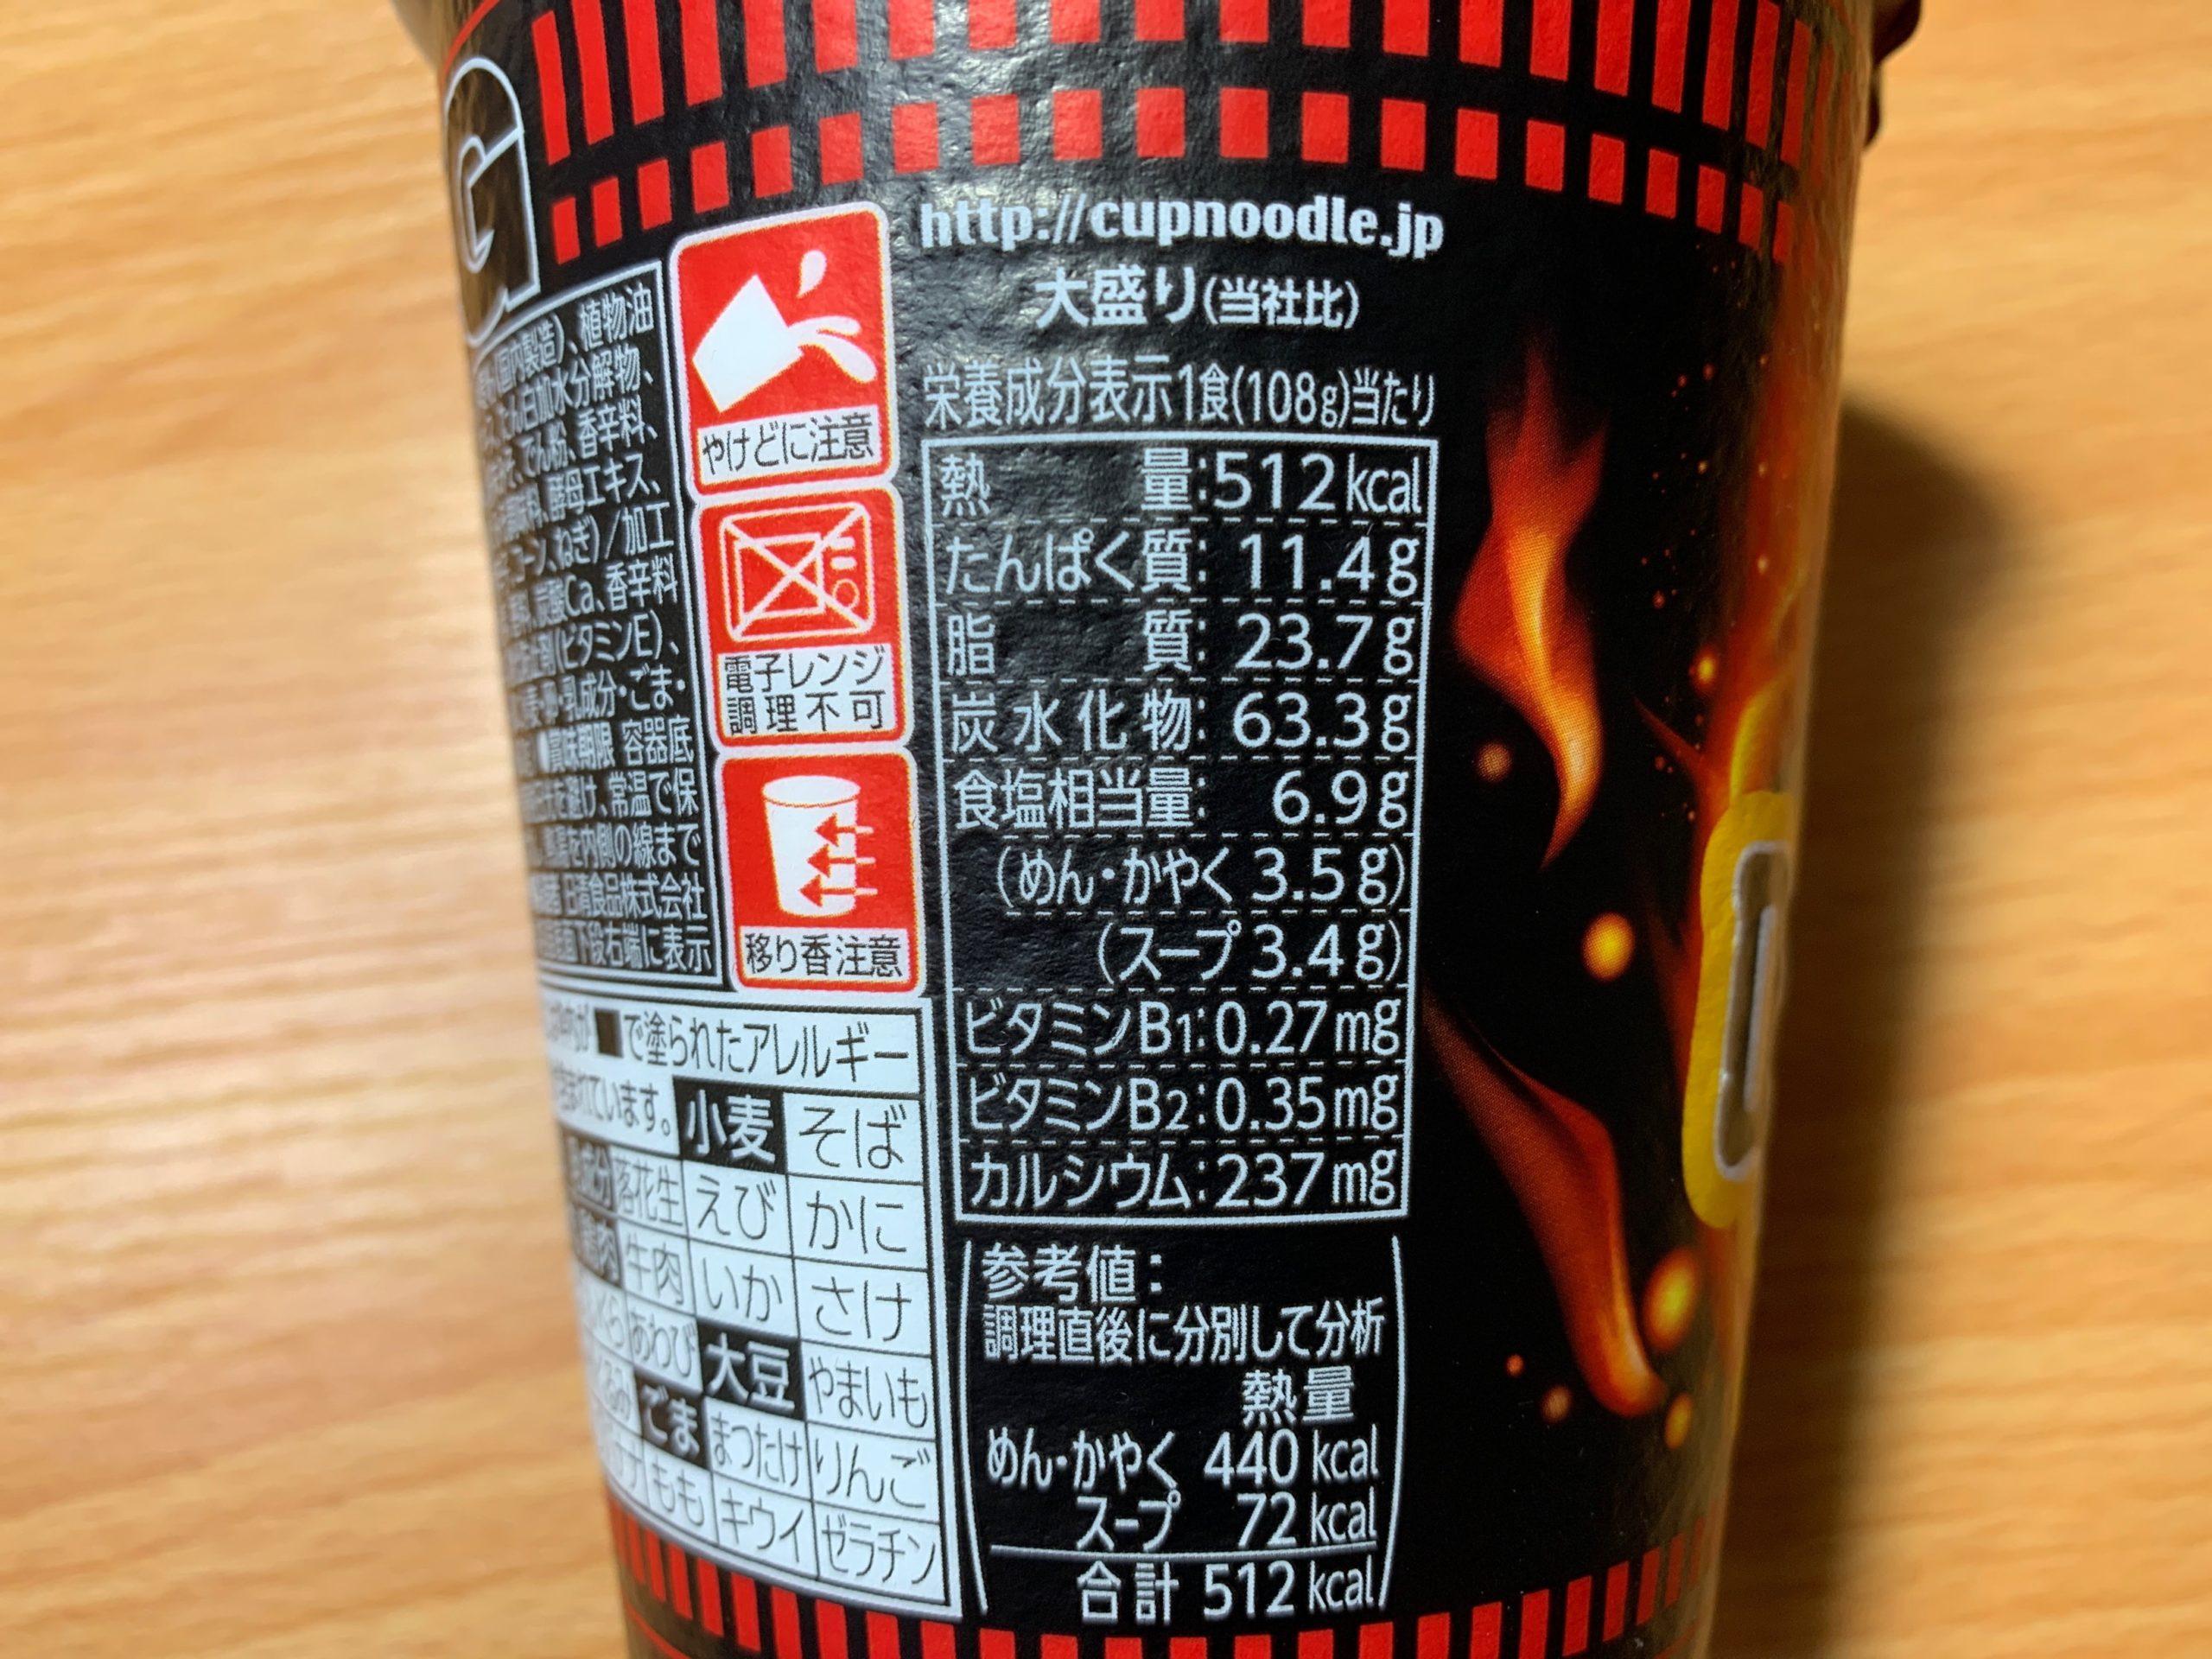 カップヌードル激辛味噌の栄養成分